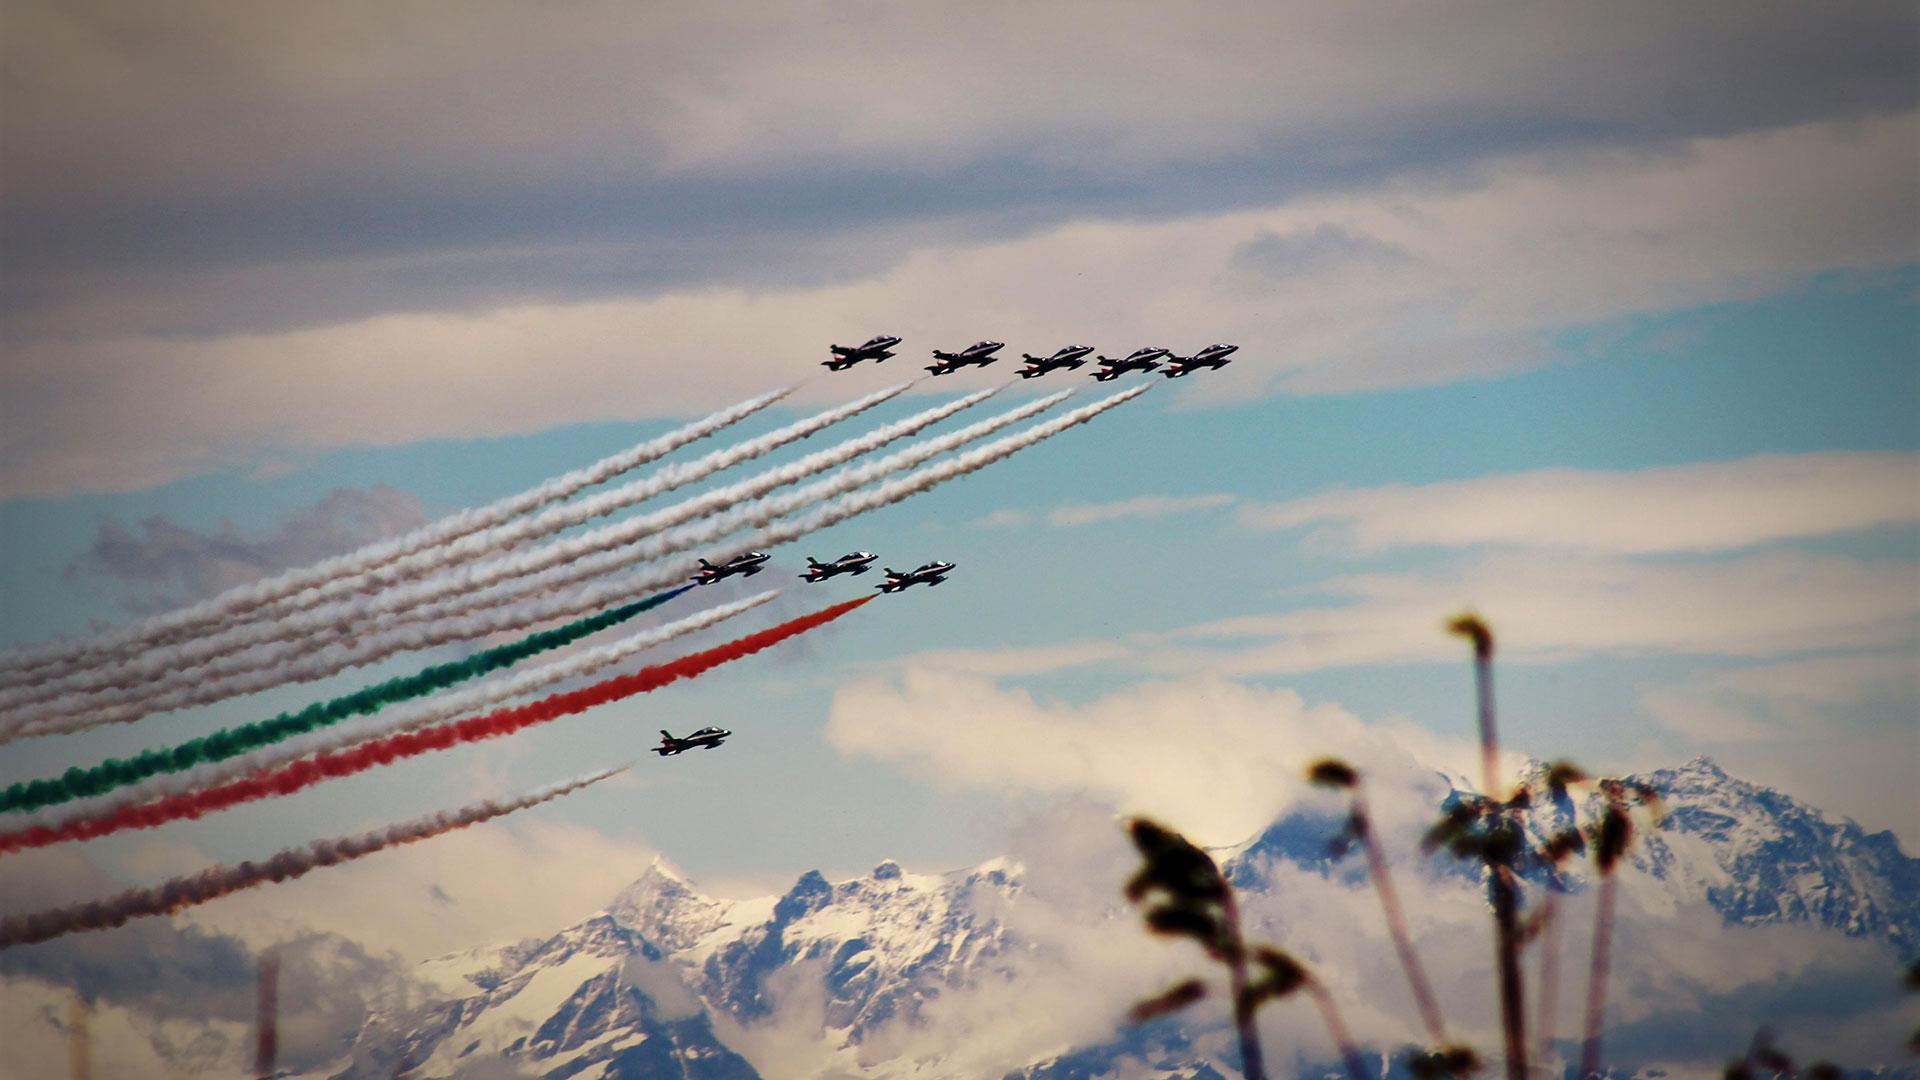 frecce-tricolori-60-anni-pan-pattuglia-acrobatica-nazionale-aeronautica-militare-(36)